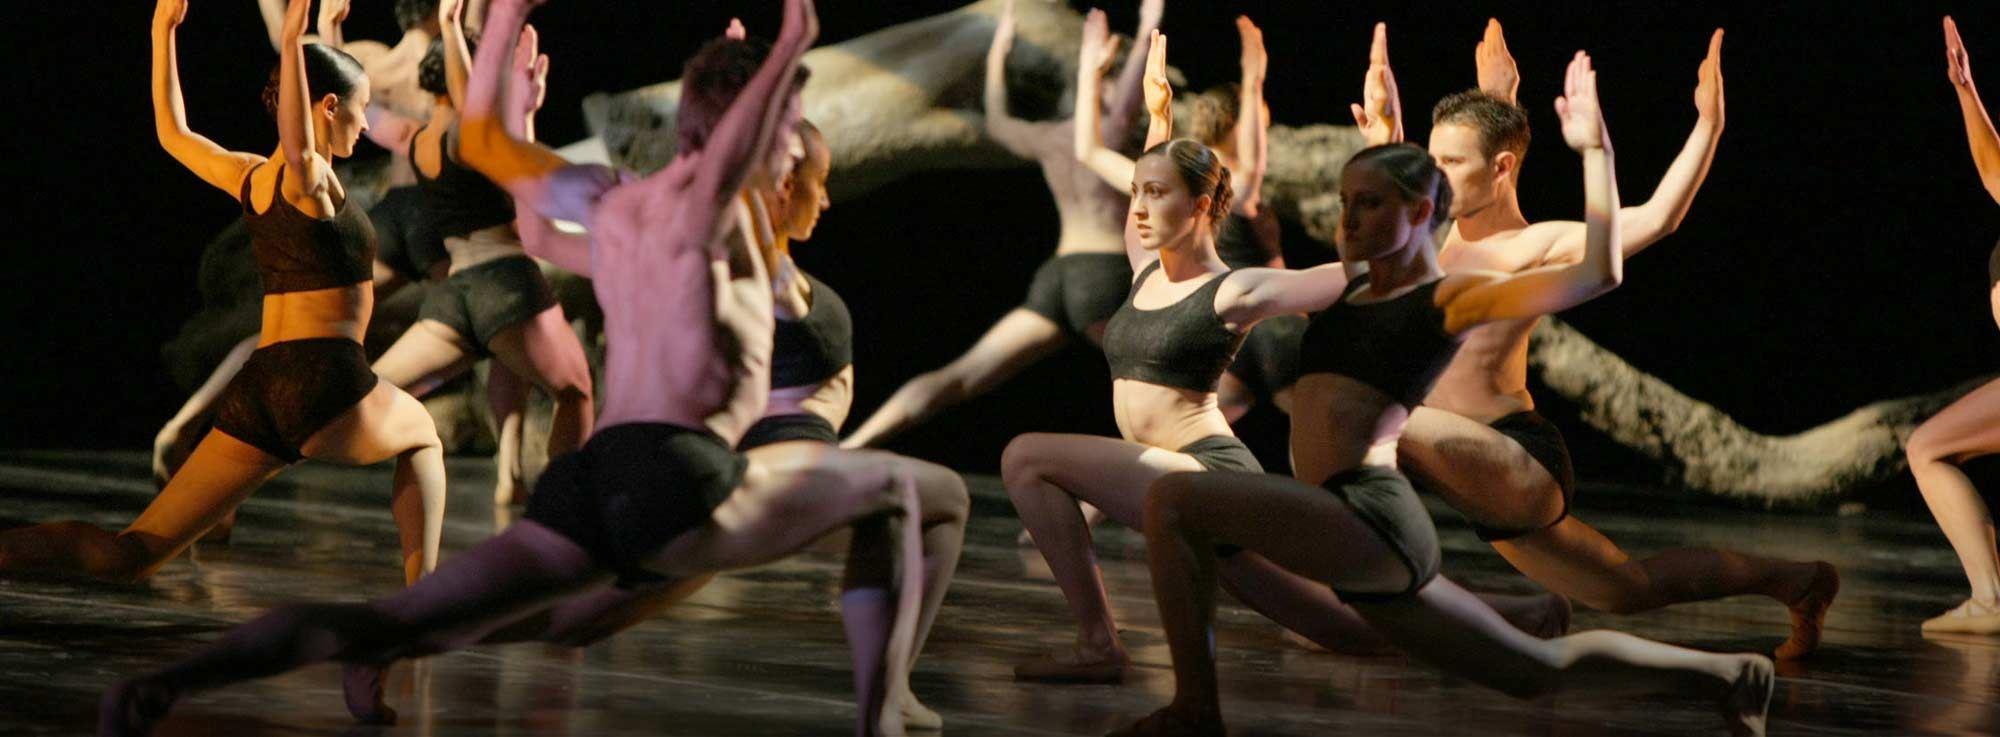 Brindisi: La città della danza